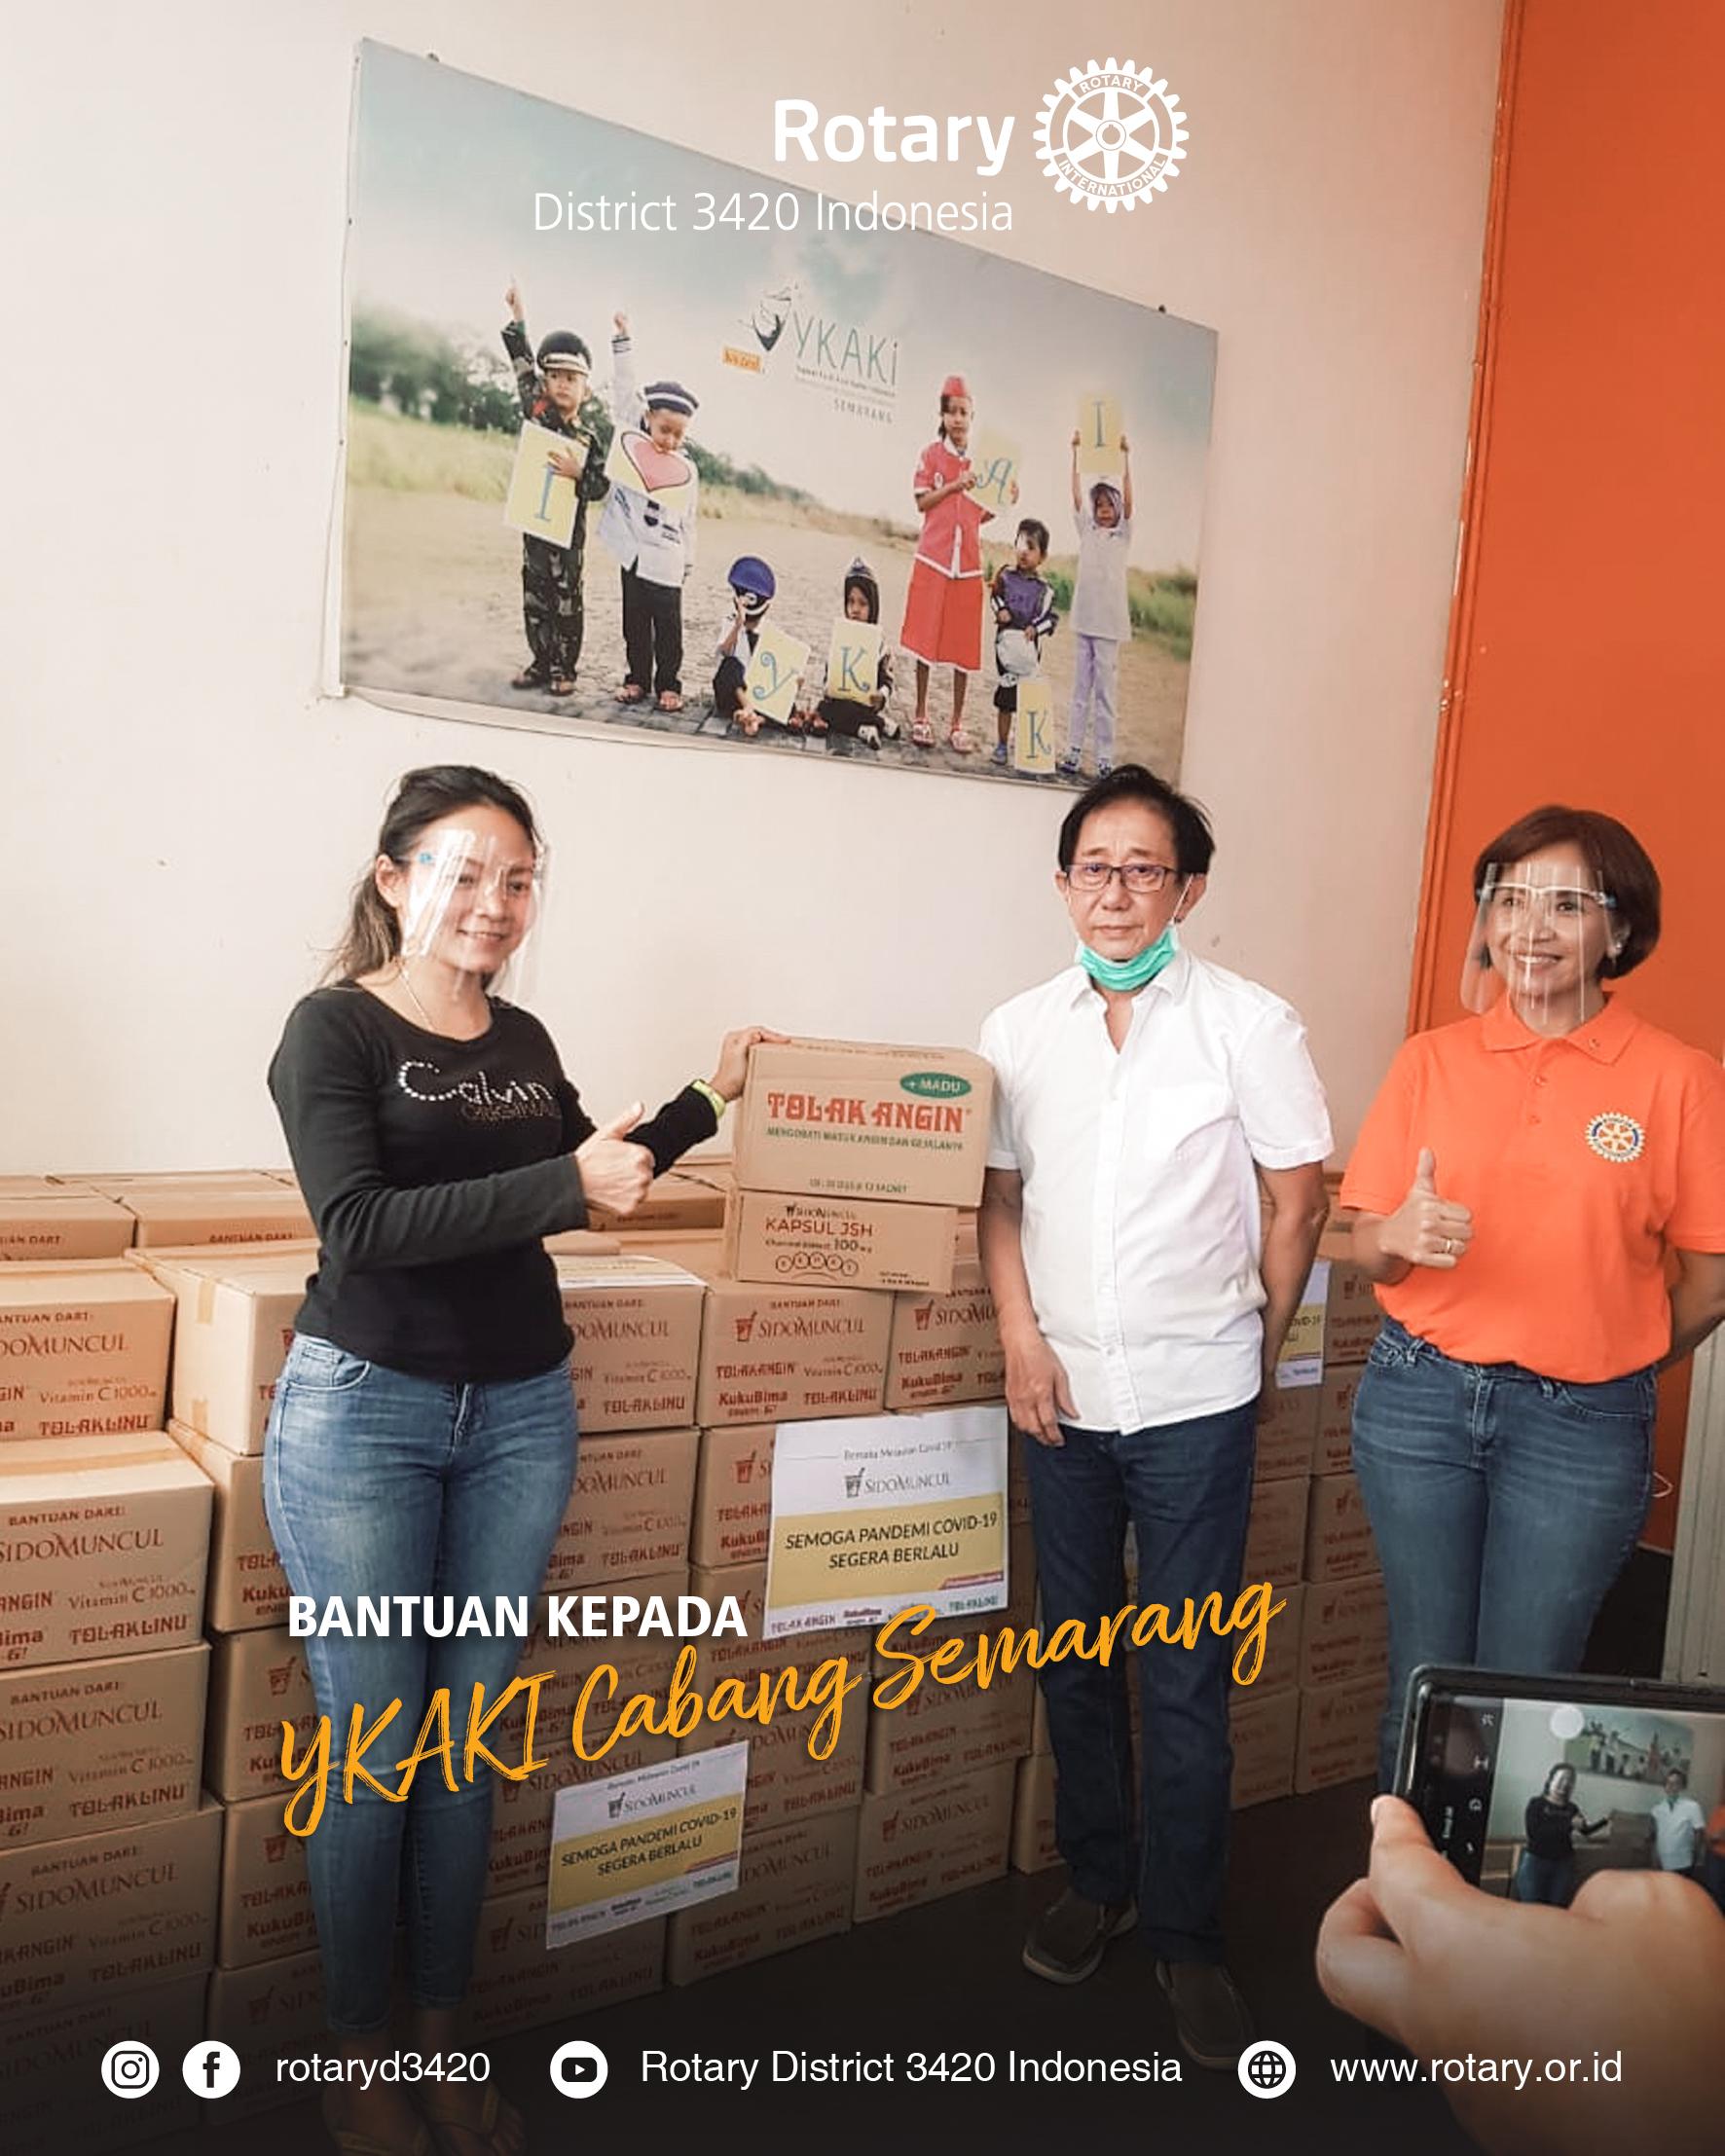 Bantuan Kepada YKAKI cabang Semarang